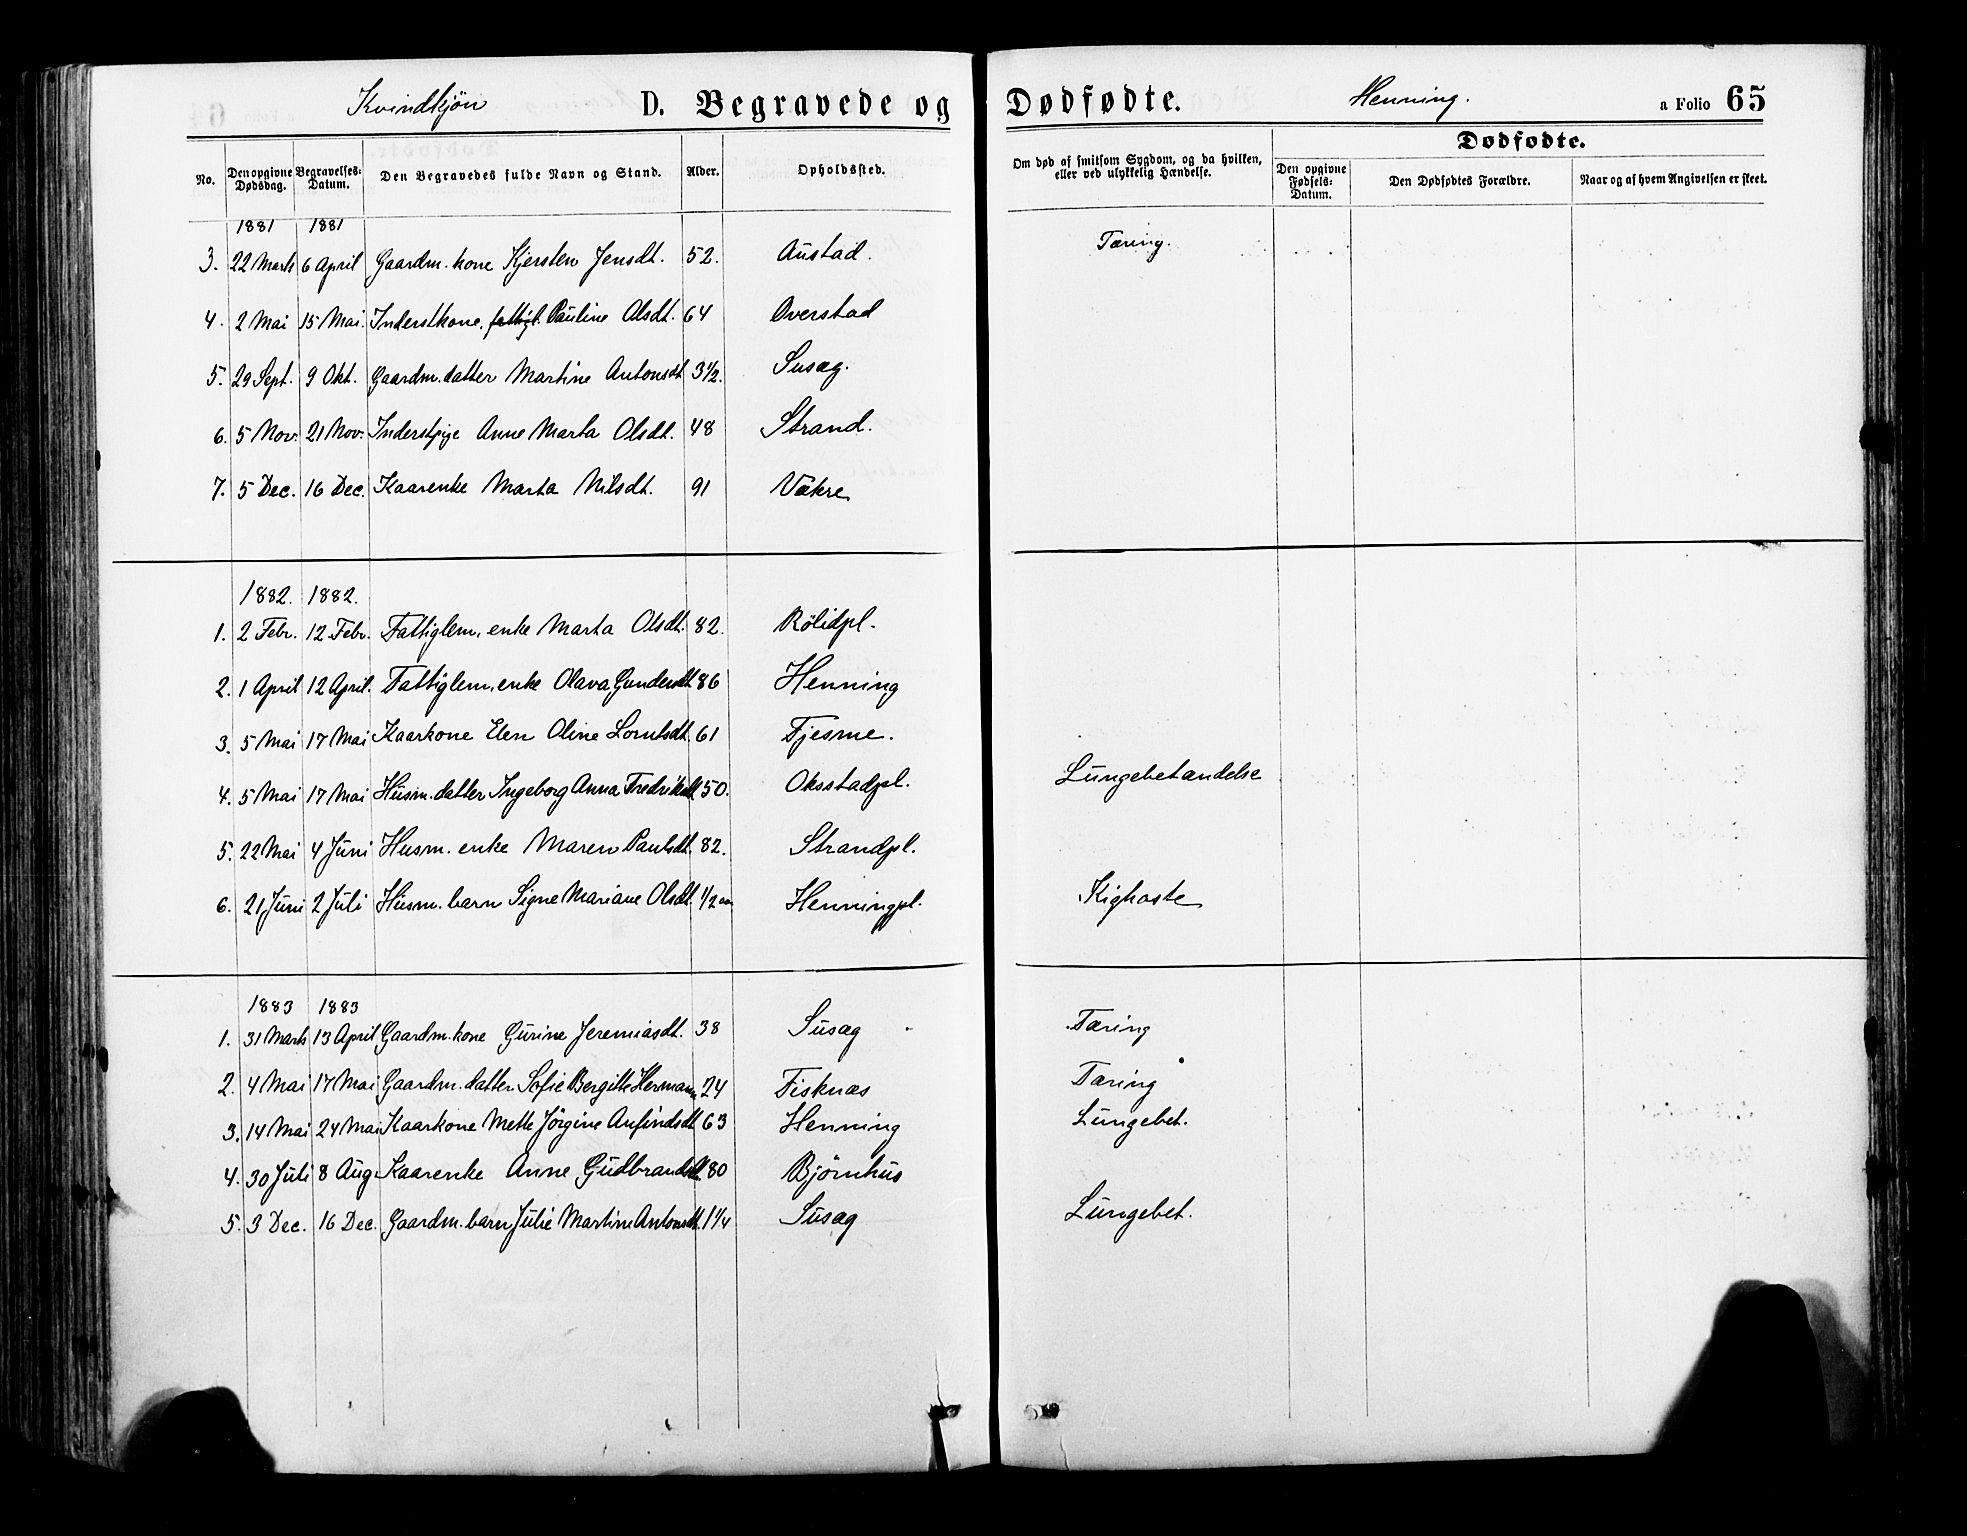 SAT, Ministerialprotokoller, klokkerbøker og fødselsregistre - Nord-Trøndelag, 735/L0348: Ministerialbok nr. 735A09 /3, 1873-1883, s. 65